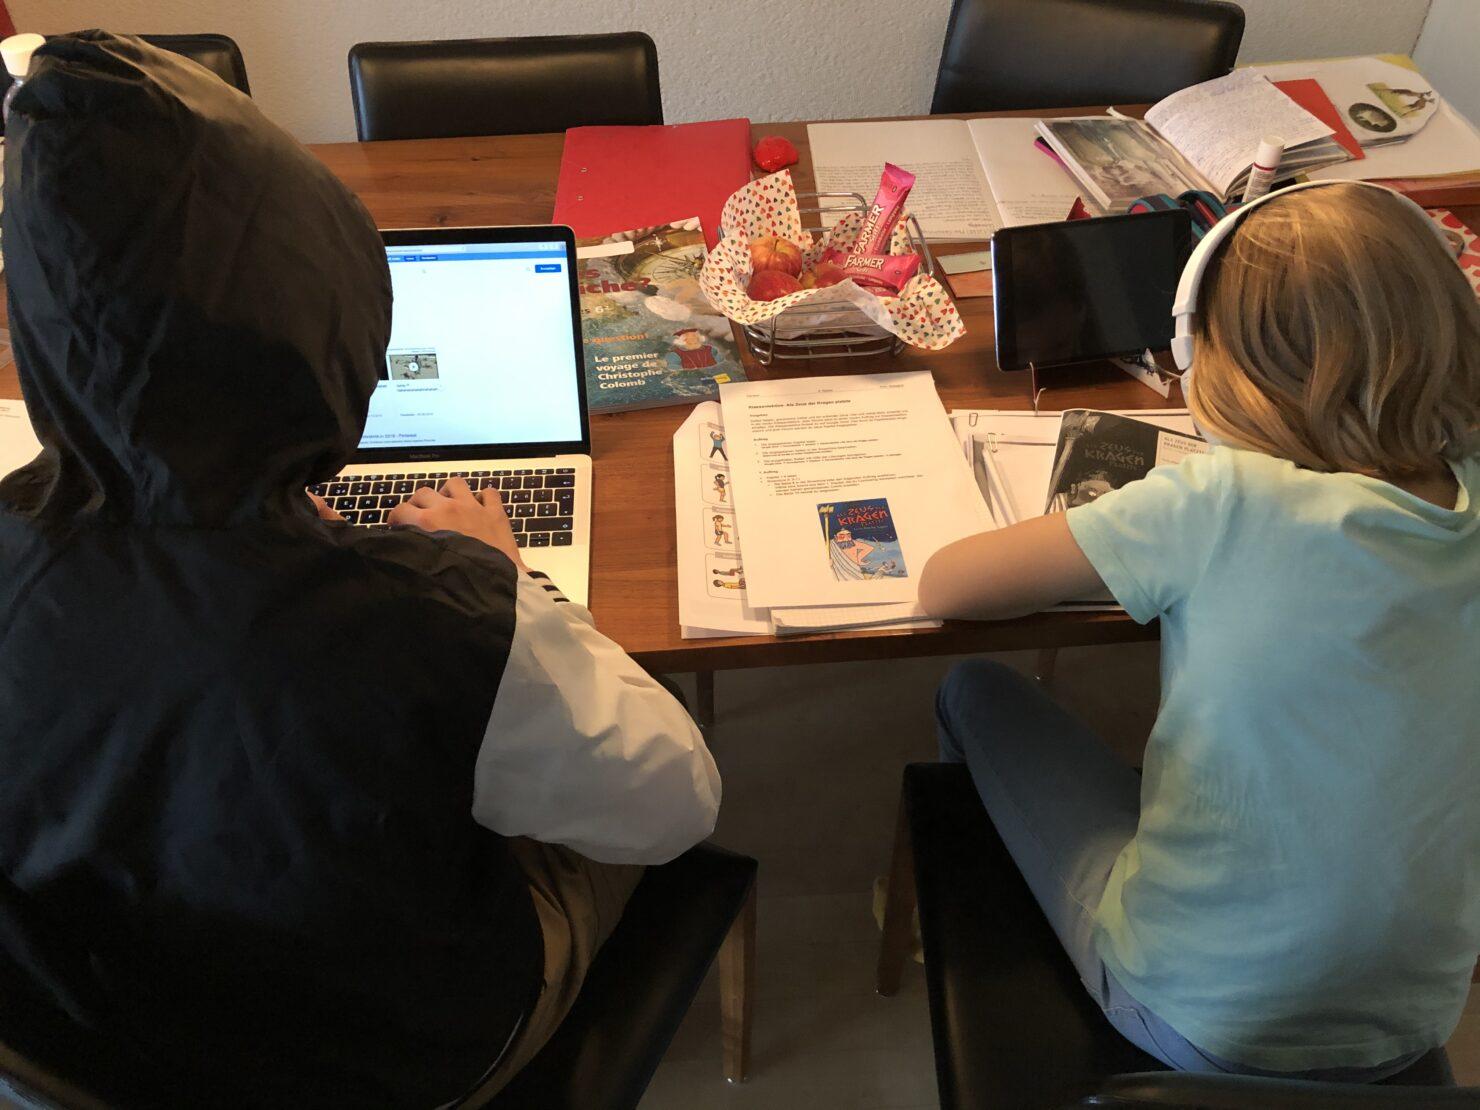 Homeschooling in Corona-Zeiten - Idealbild versus Realität